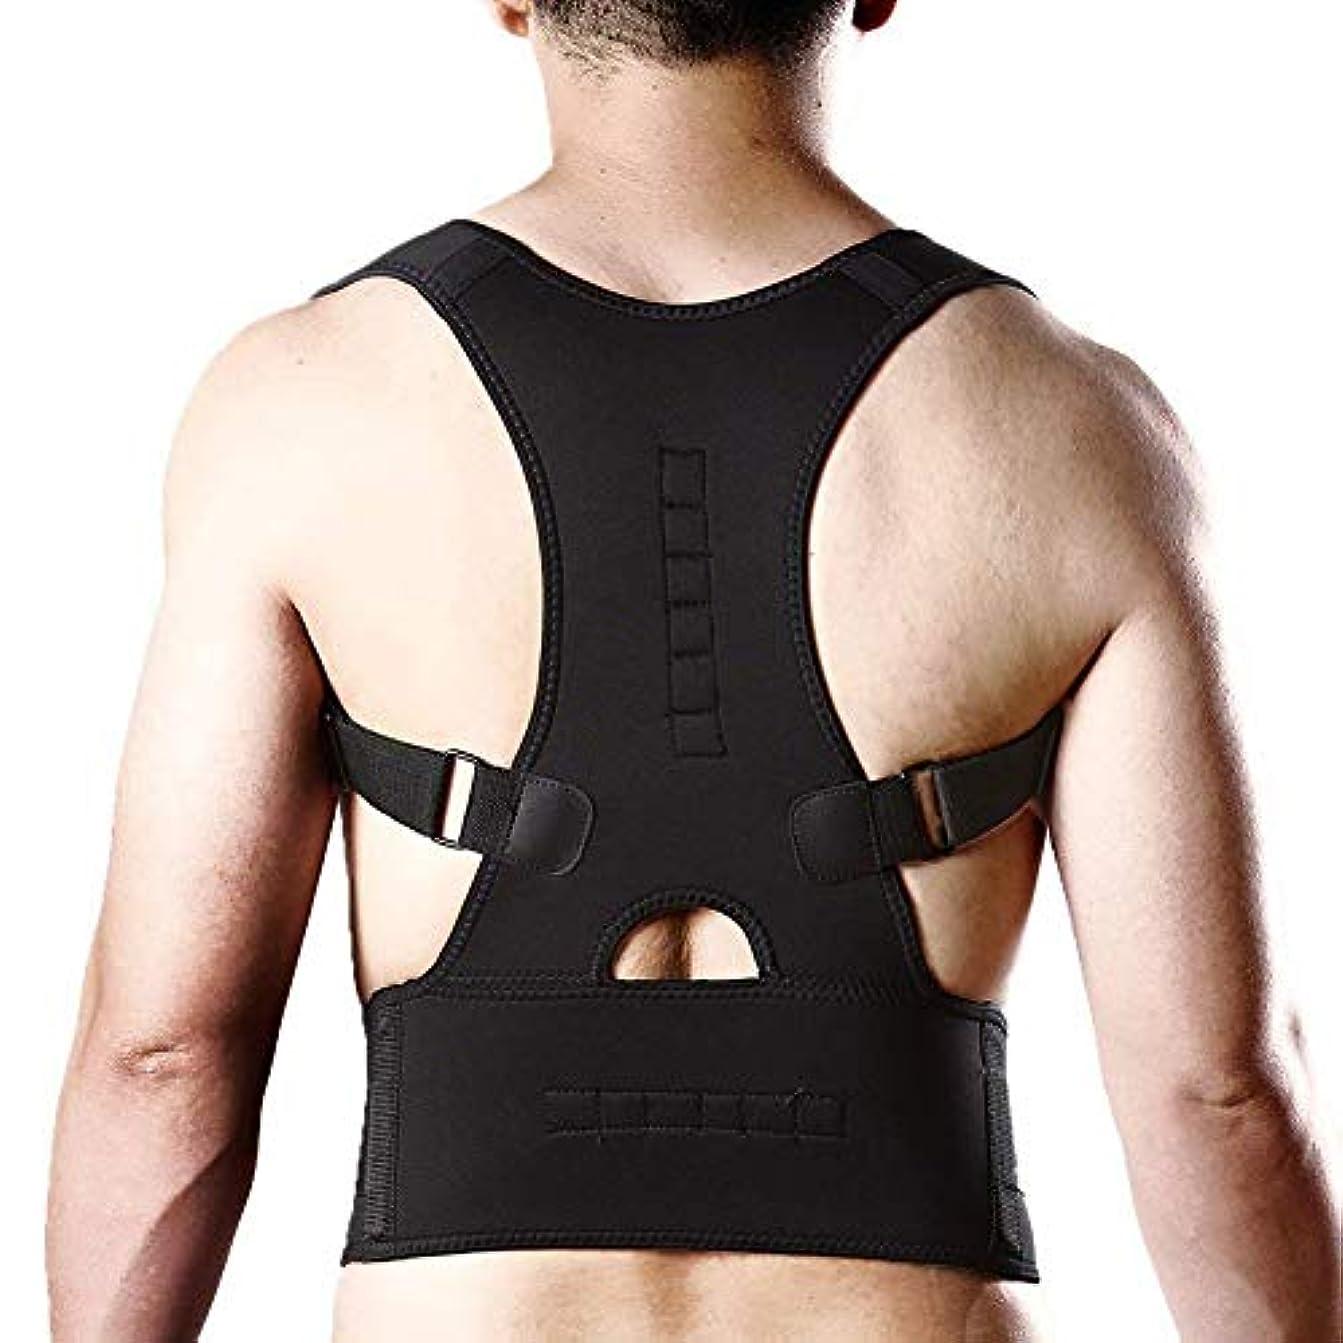 男性と女性用の黒姿勢矯正器、調整可能な背もたれ、首、背中、肩の痛みを和らげる (Color : Black, Size : L)